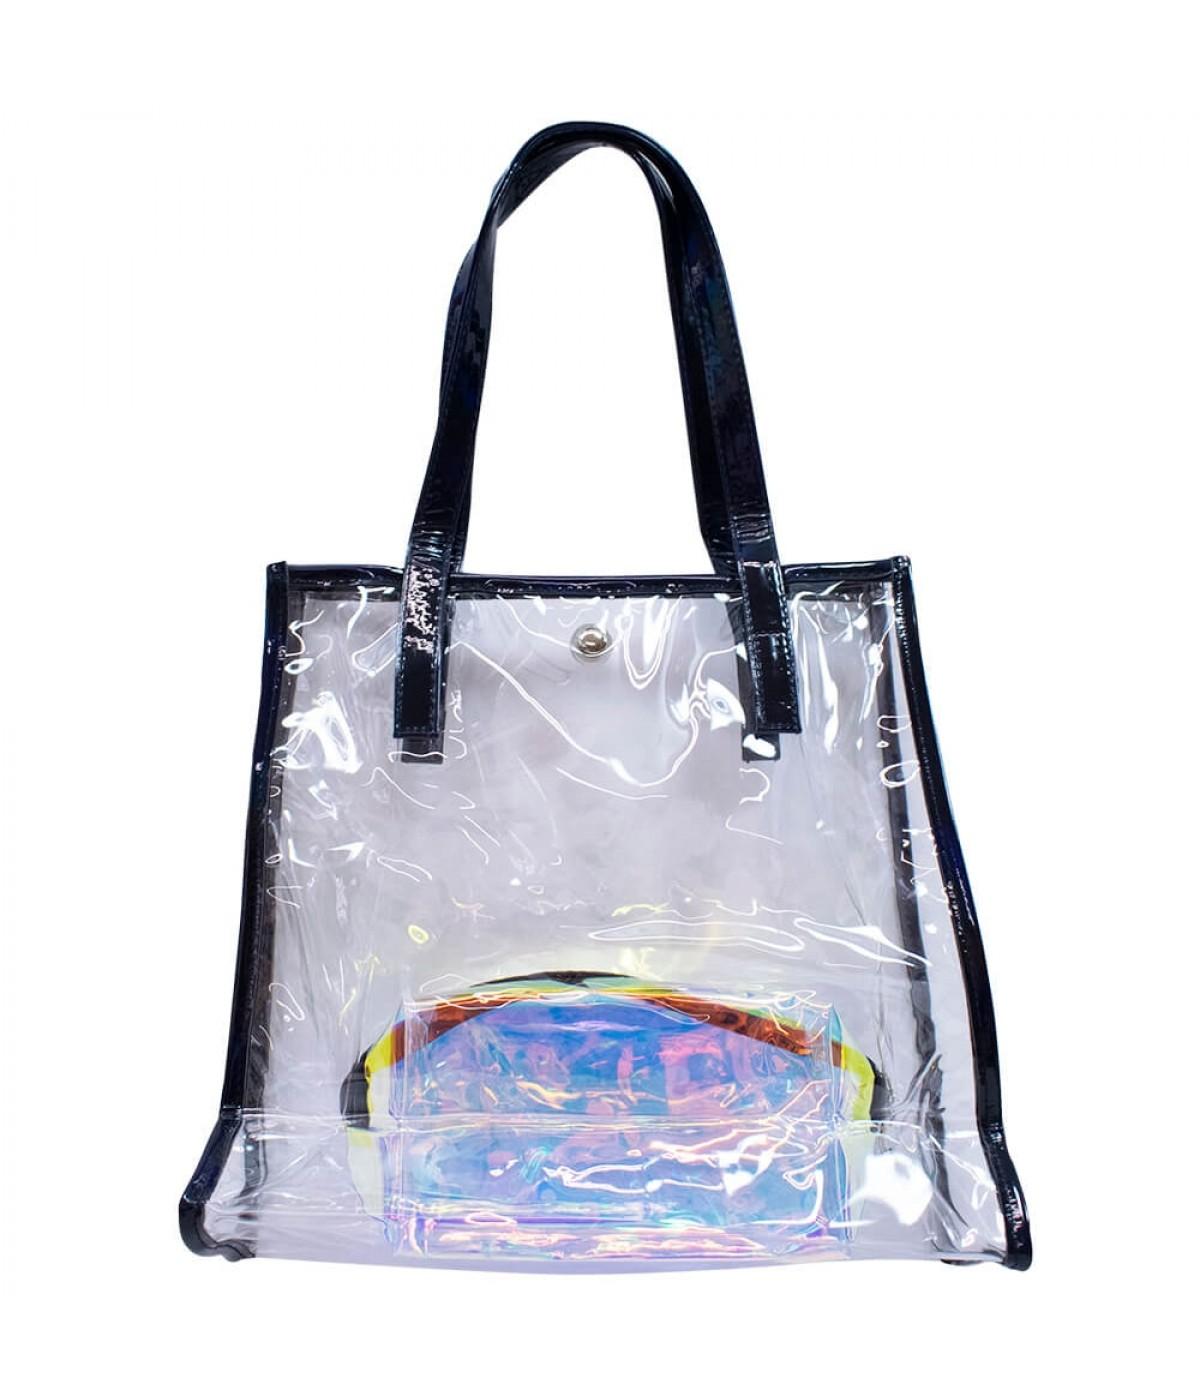 Jg. Bolsa Com Necessaire Transparente Preto 30x13x31cm